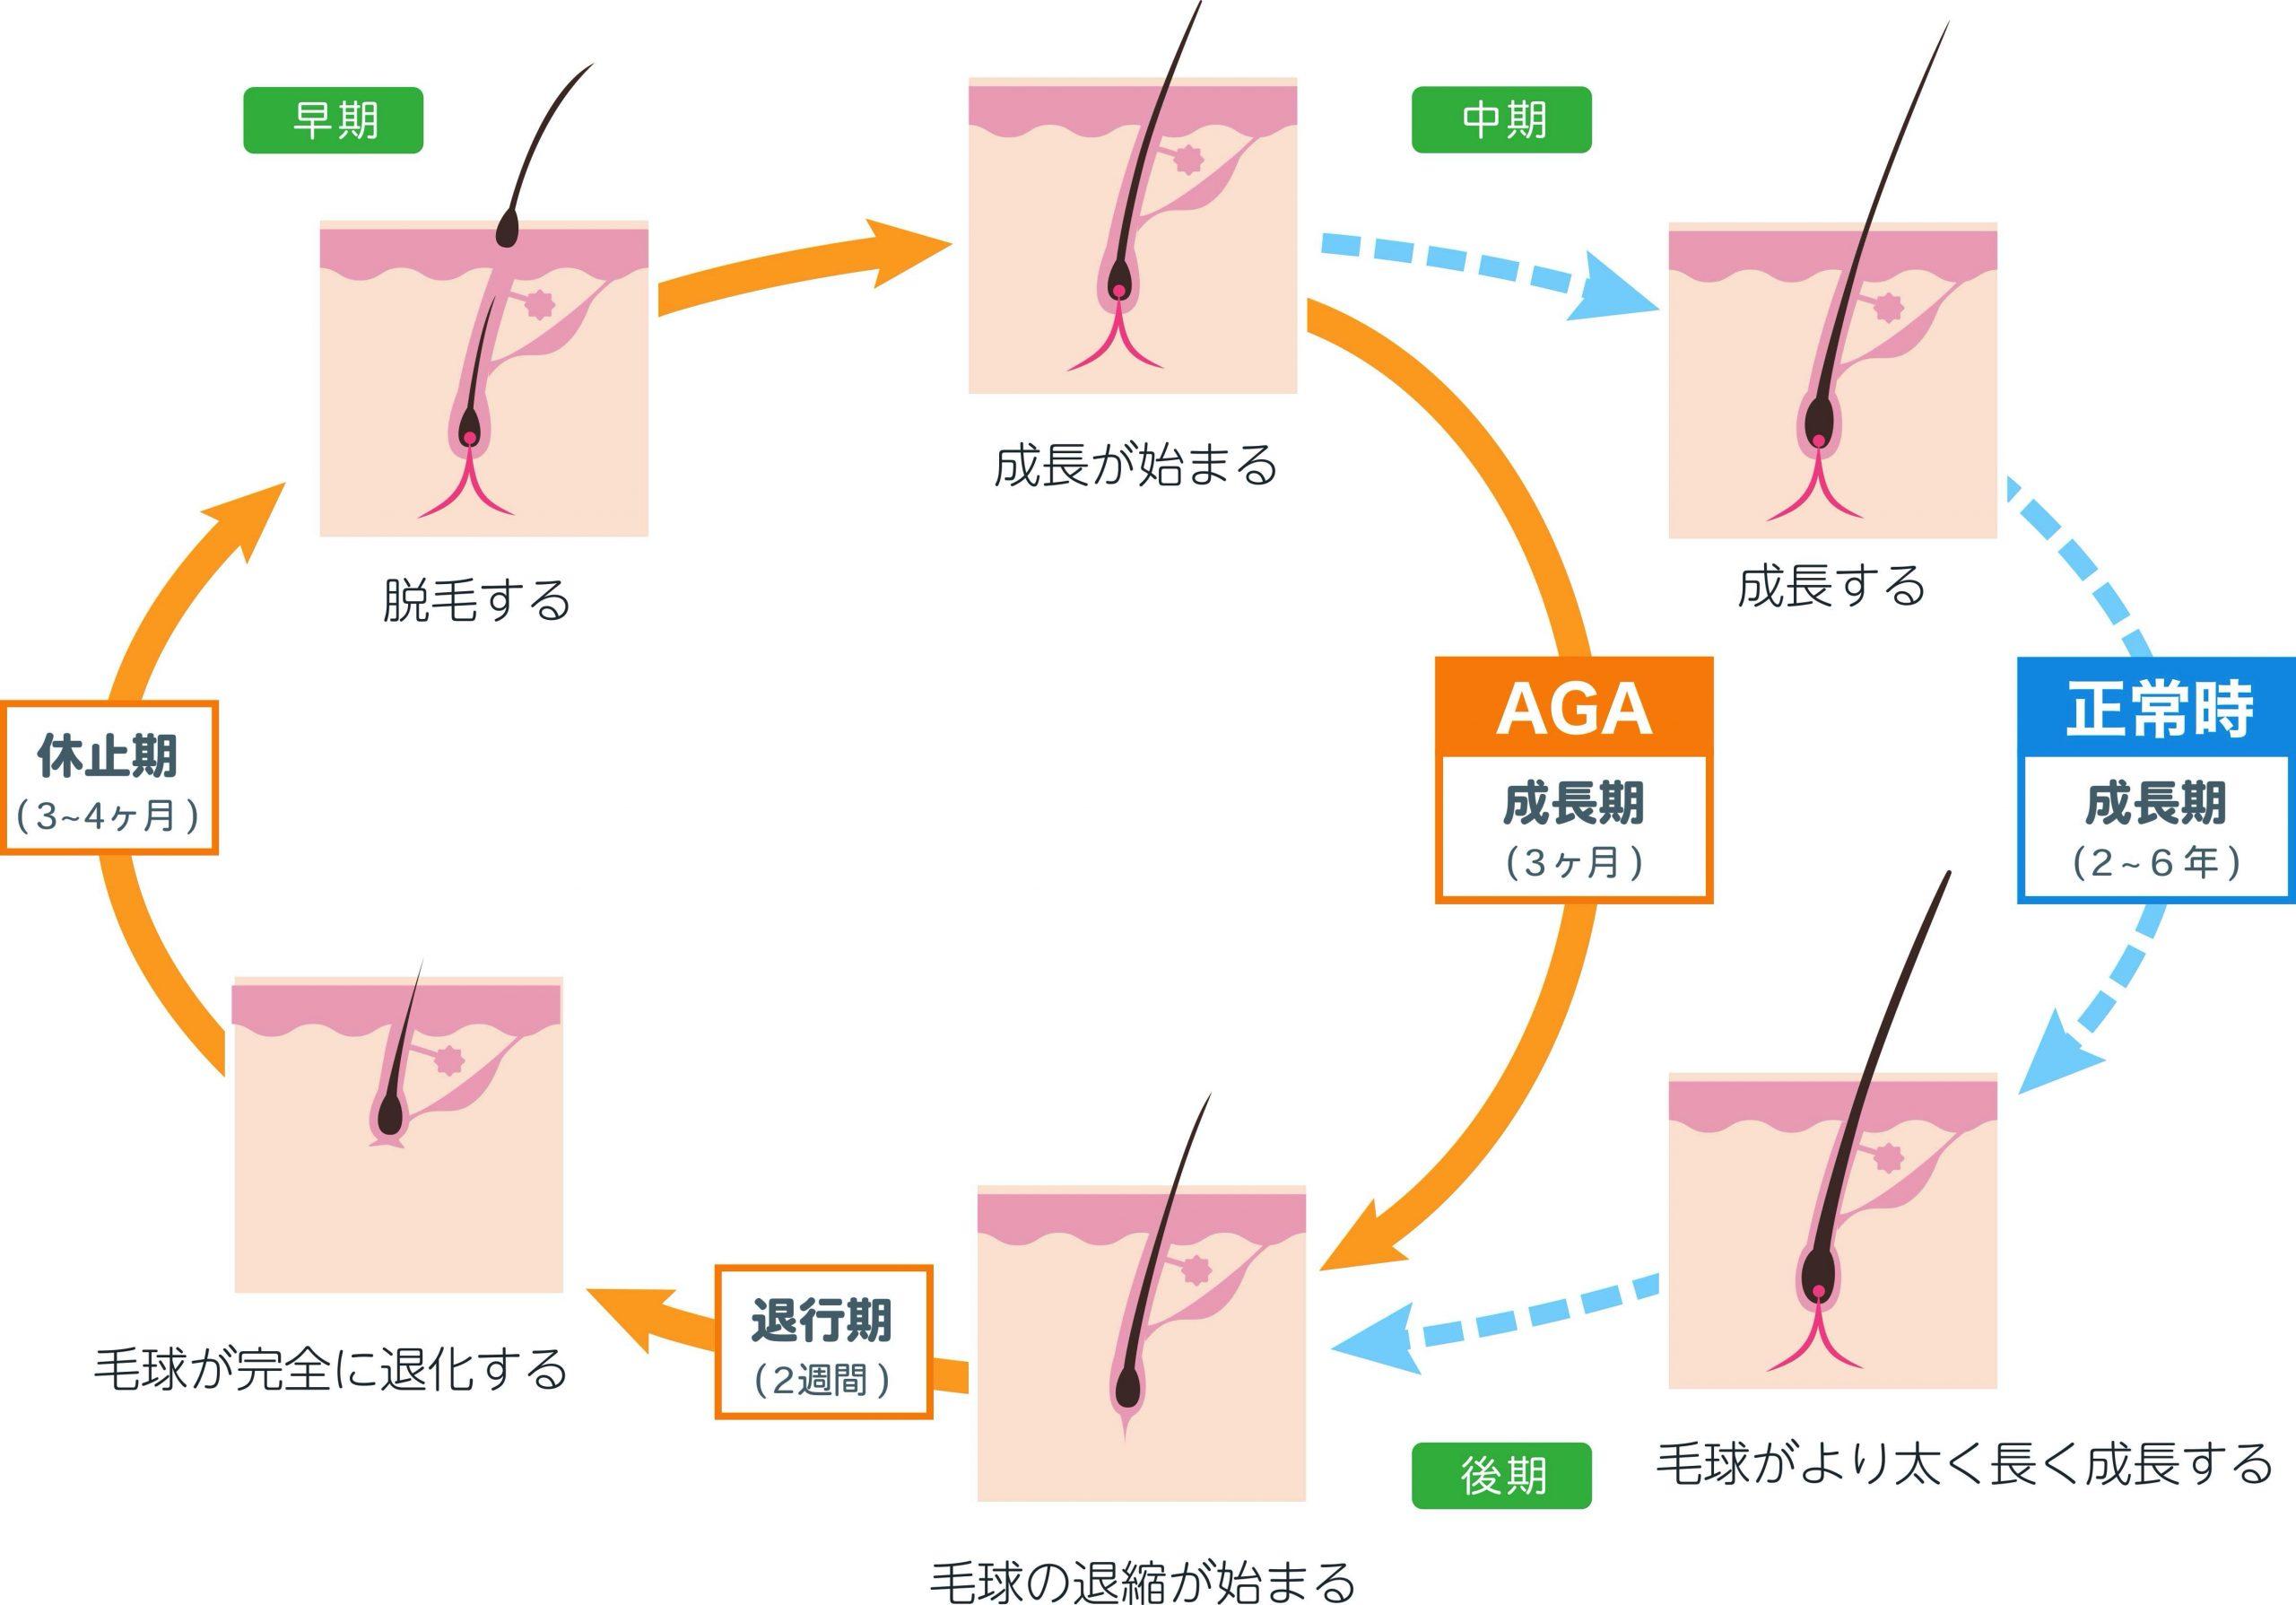 髪の毛のヘアサイクル(成長周期)